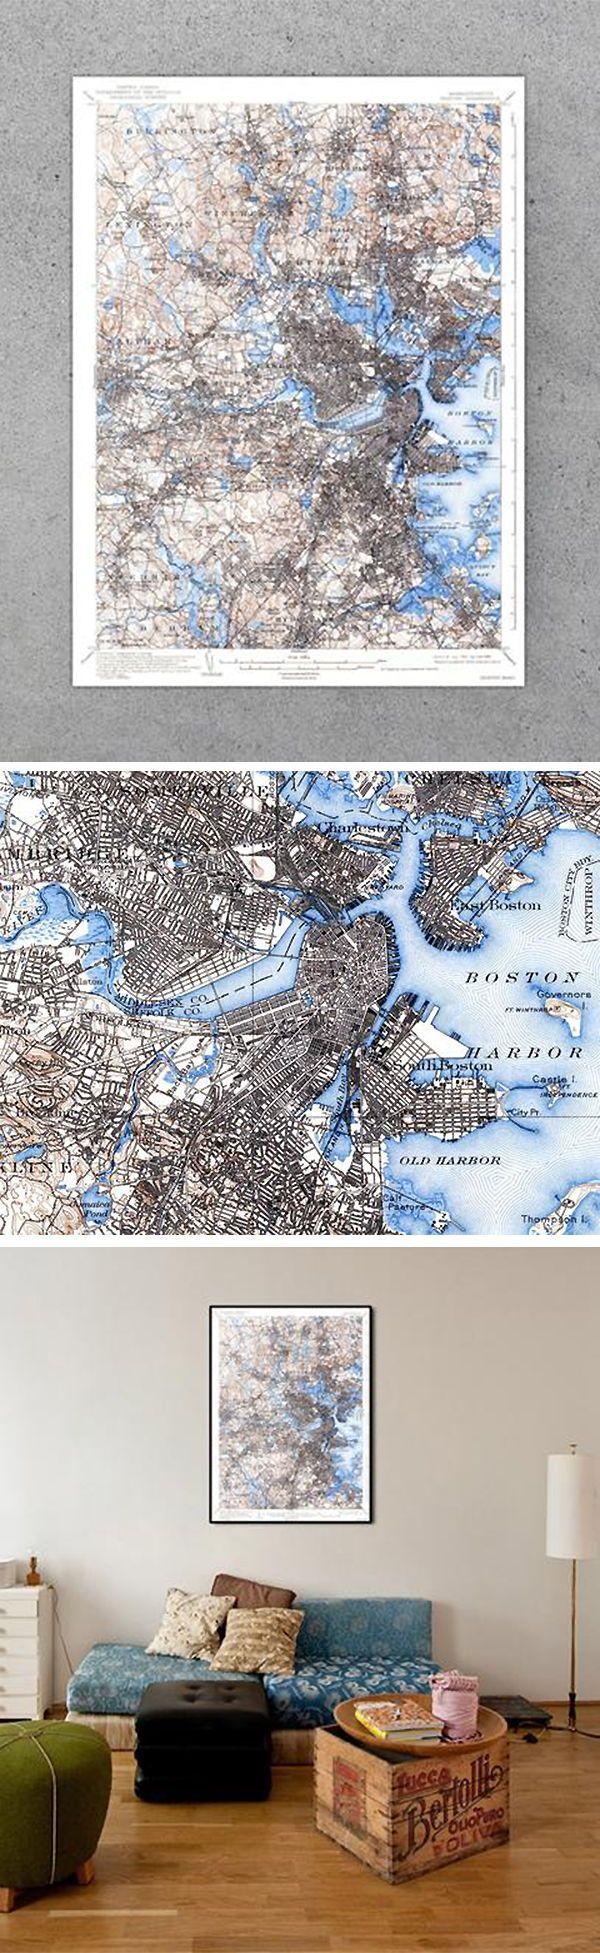 Boston MA 1939 USGS Map 25 best